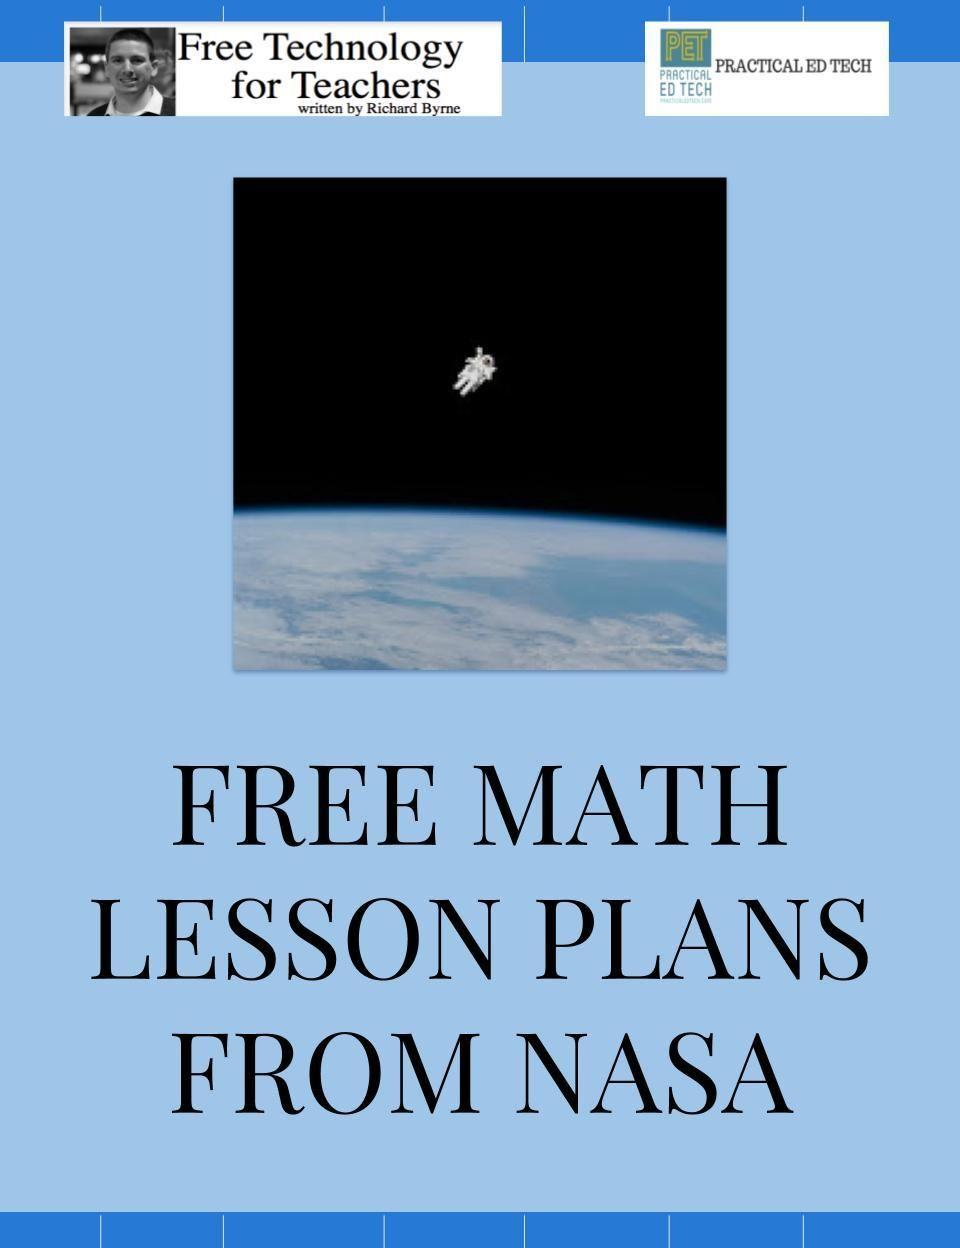 Free Math Lesson Plans from NASA | Math lesson plans, Math ...